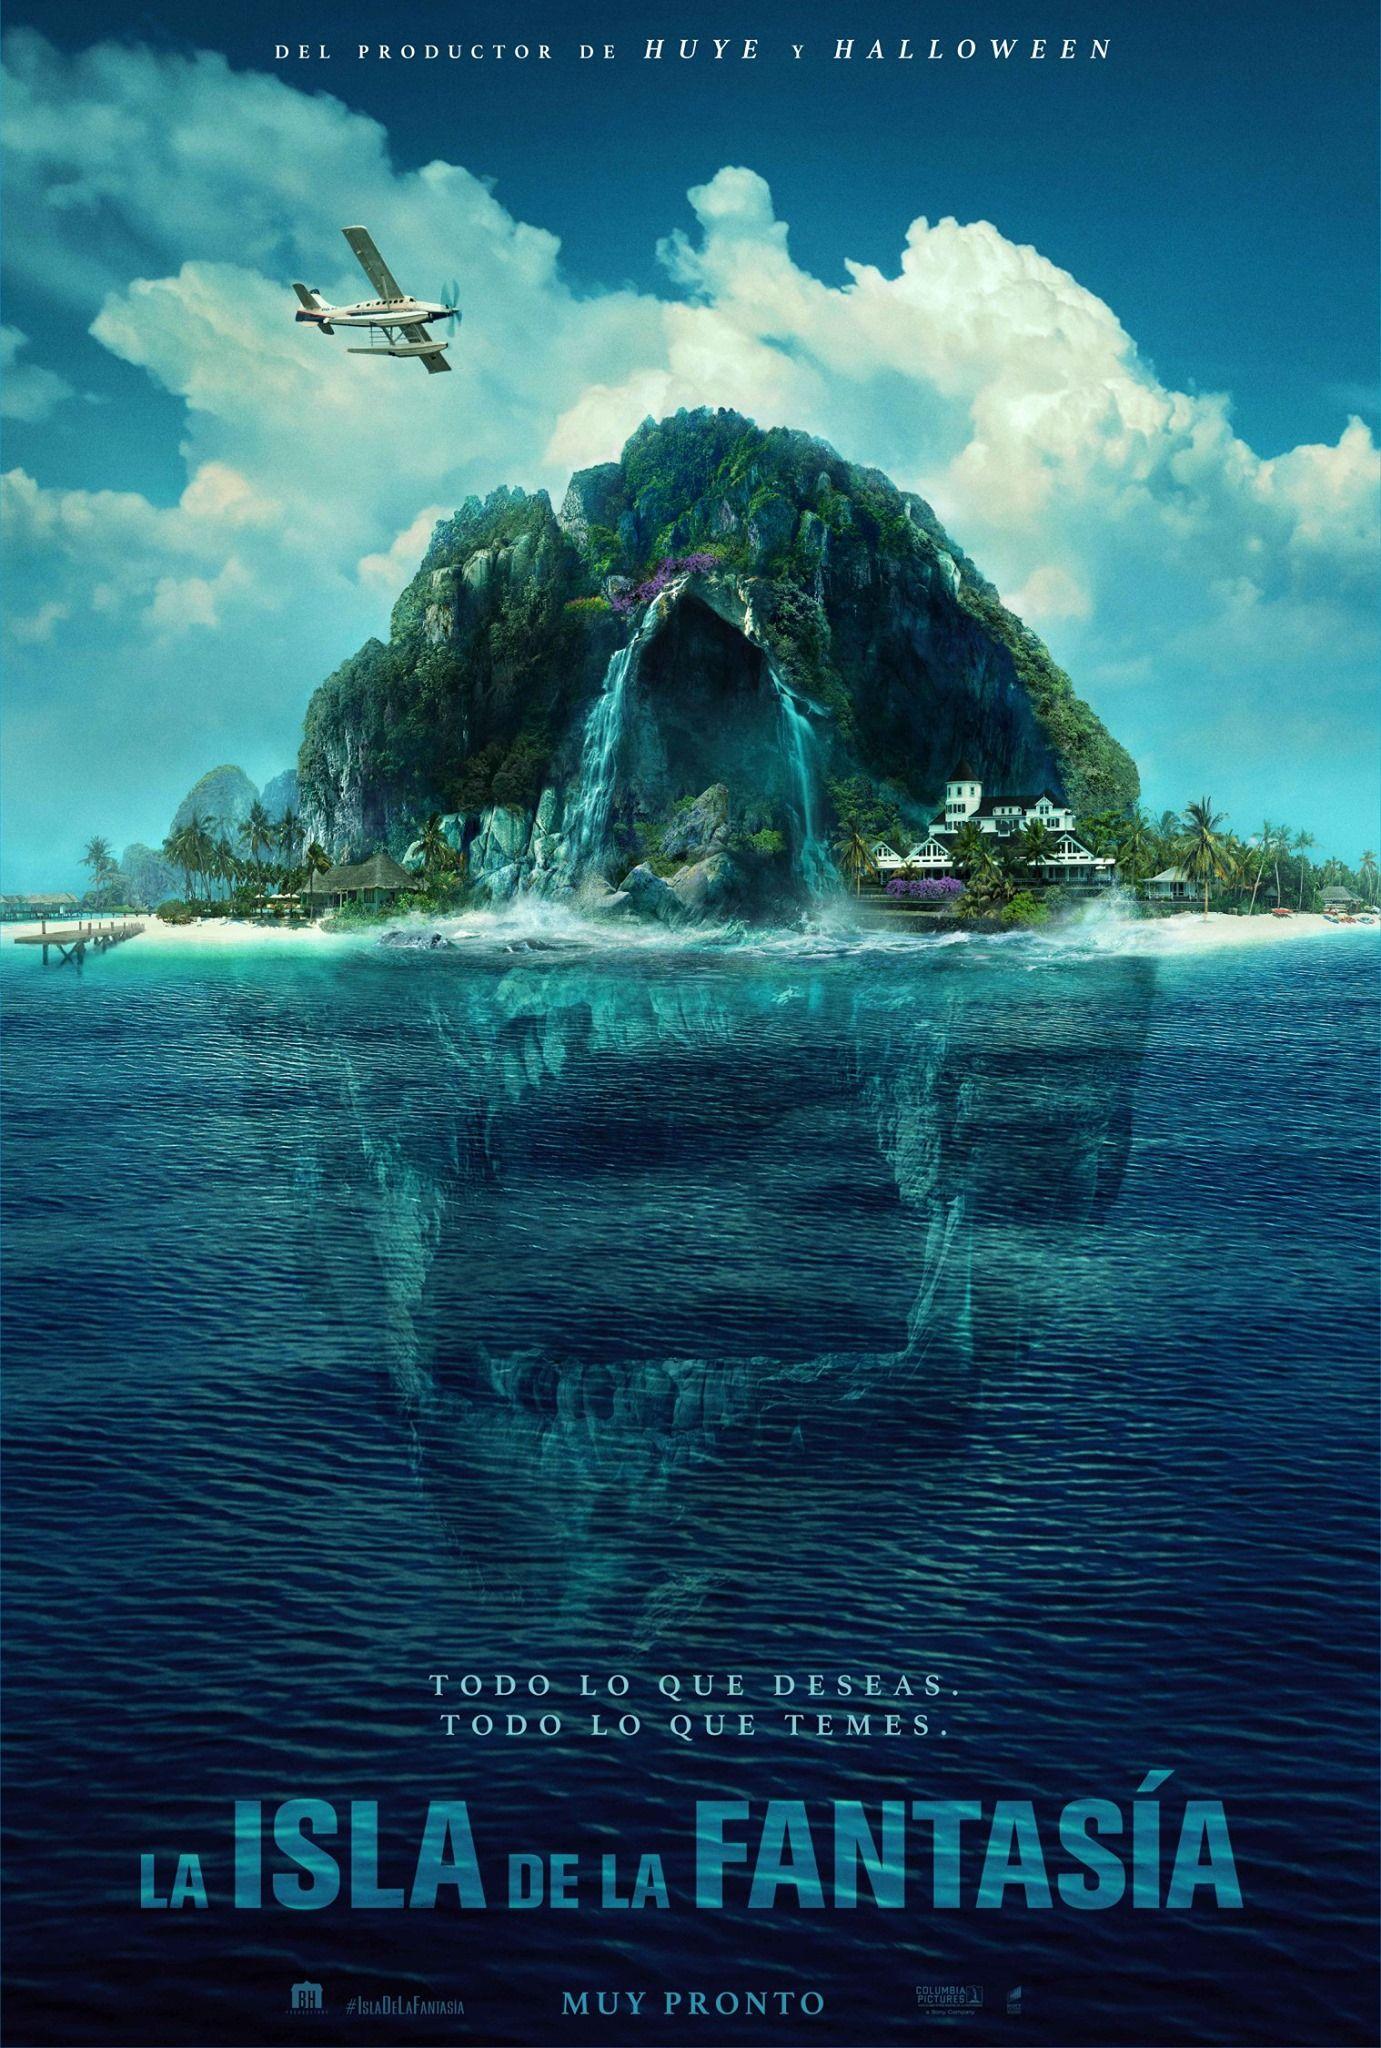 La Isla De La Fantasia Trailer Y Fecha De Estreno Peliculas Completas Peliculas De Terror Ver Peliculas Completas